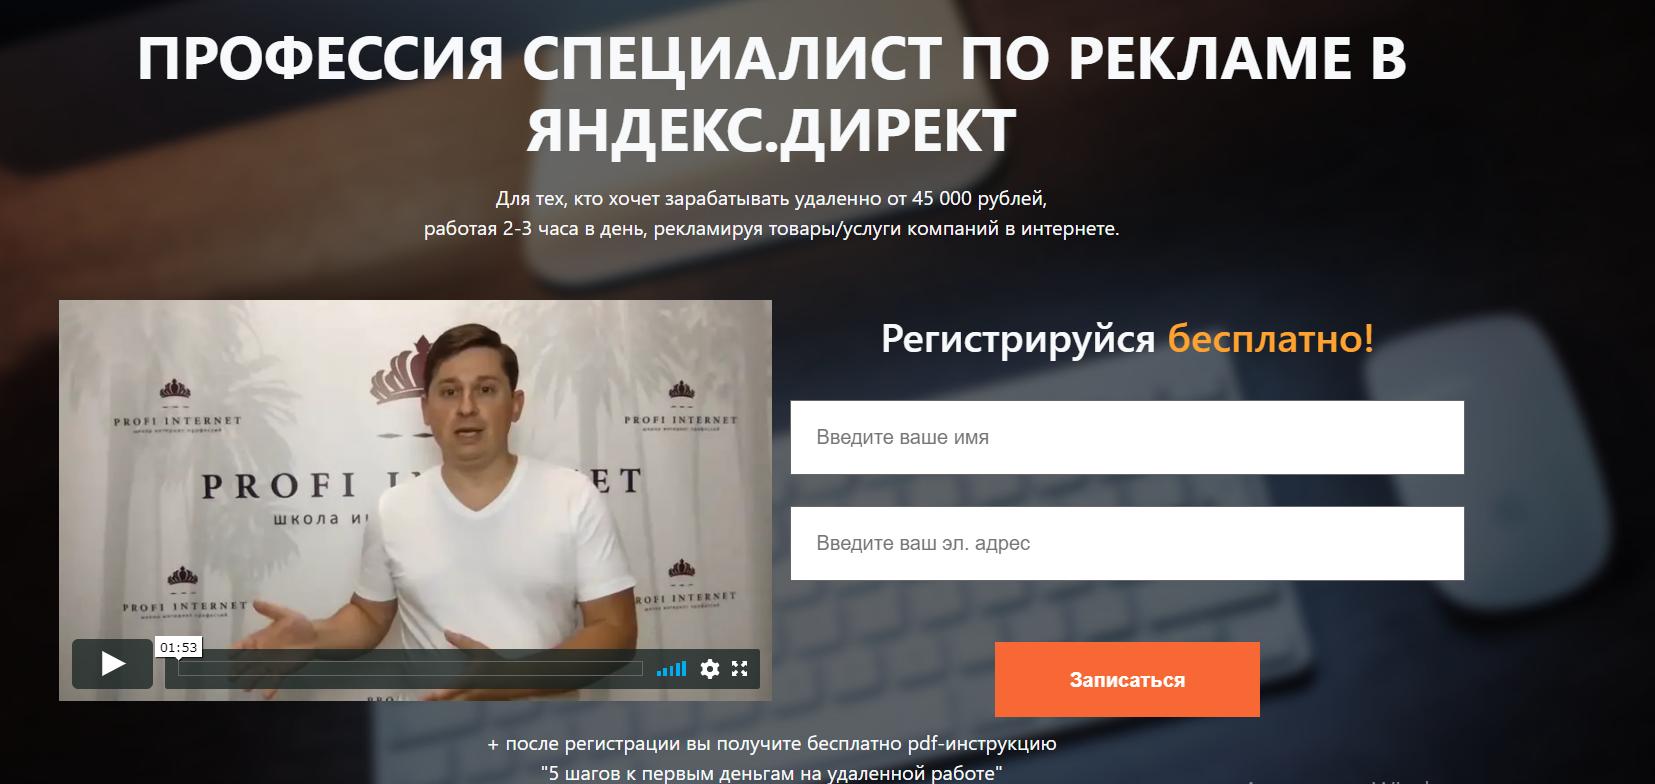 Регистрация на курс по рекламе в Яндекс.Директ